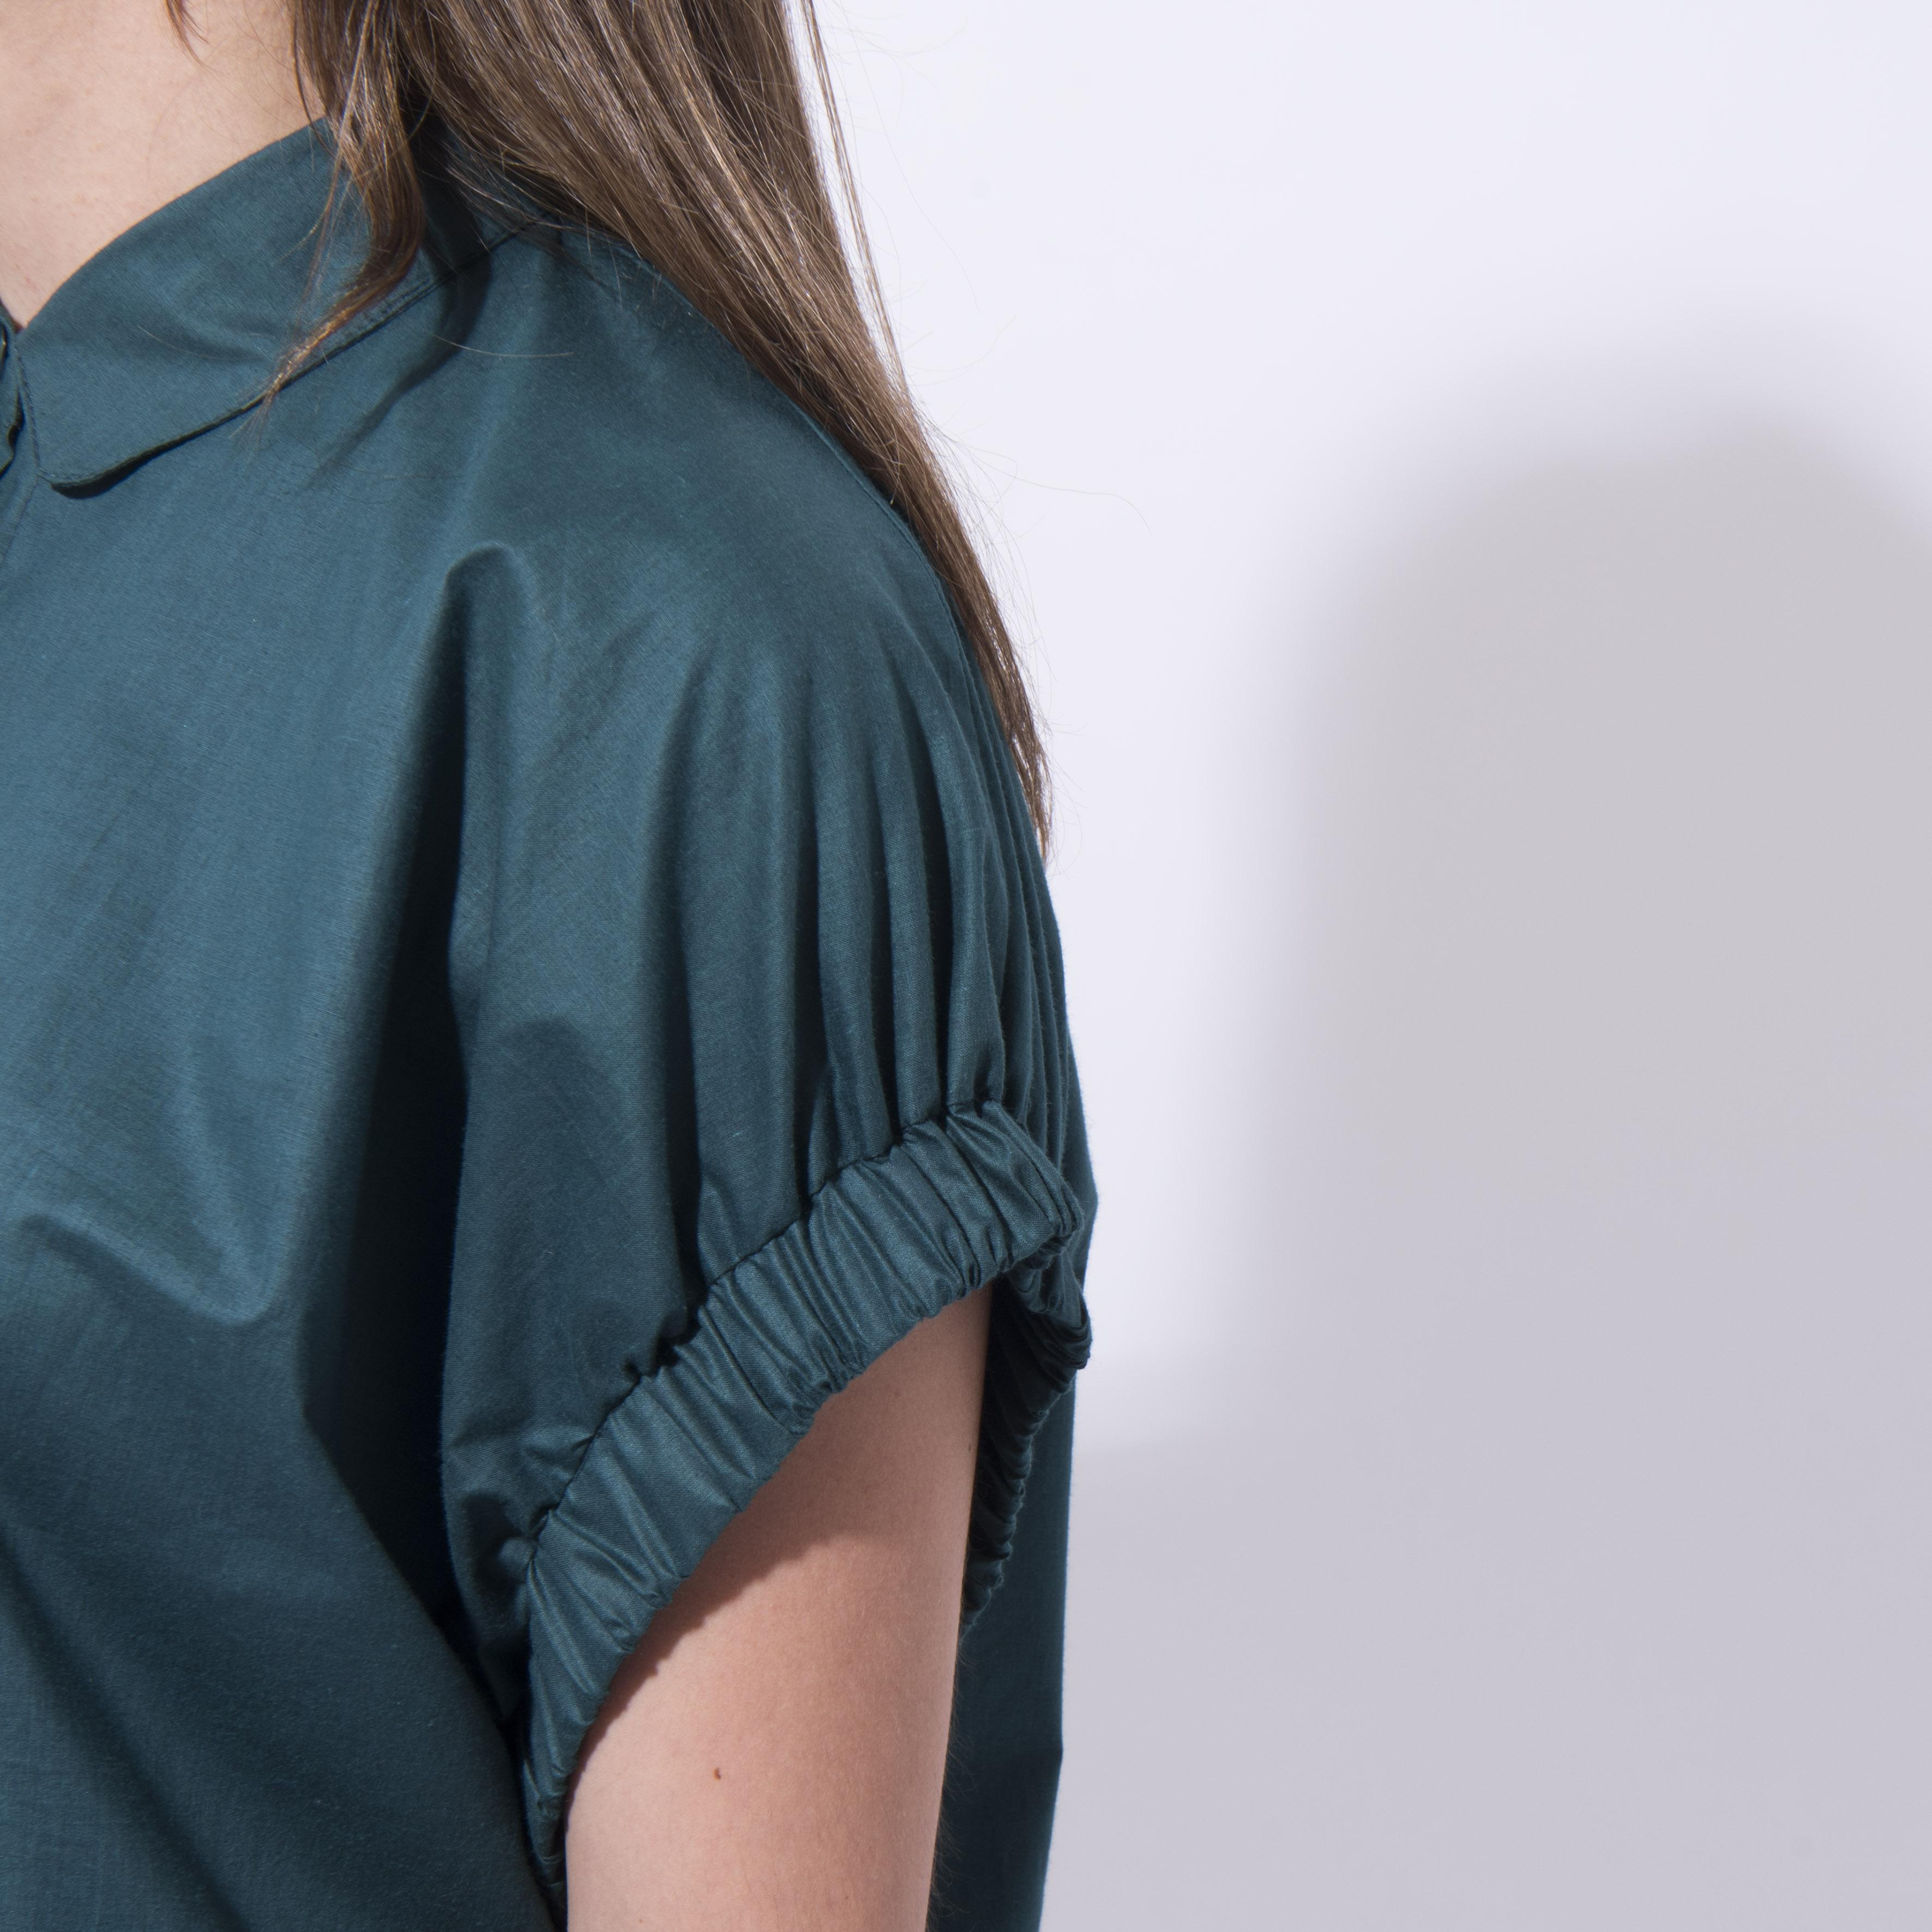 Camisola FRIDA - color verde